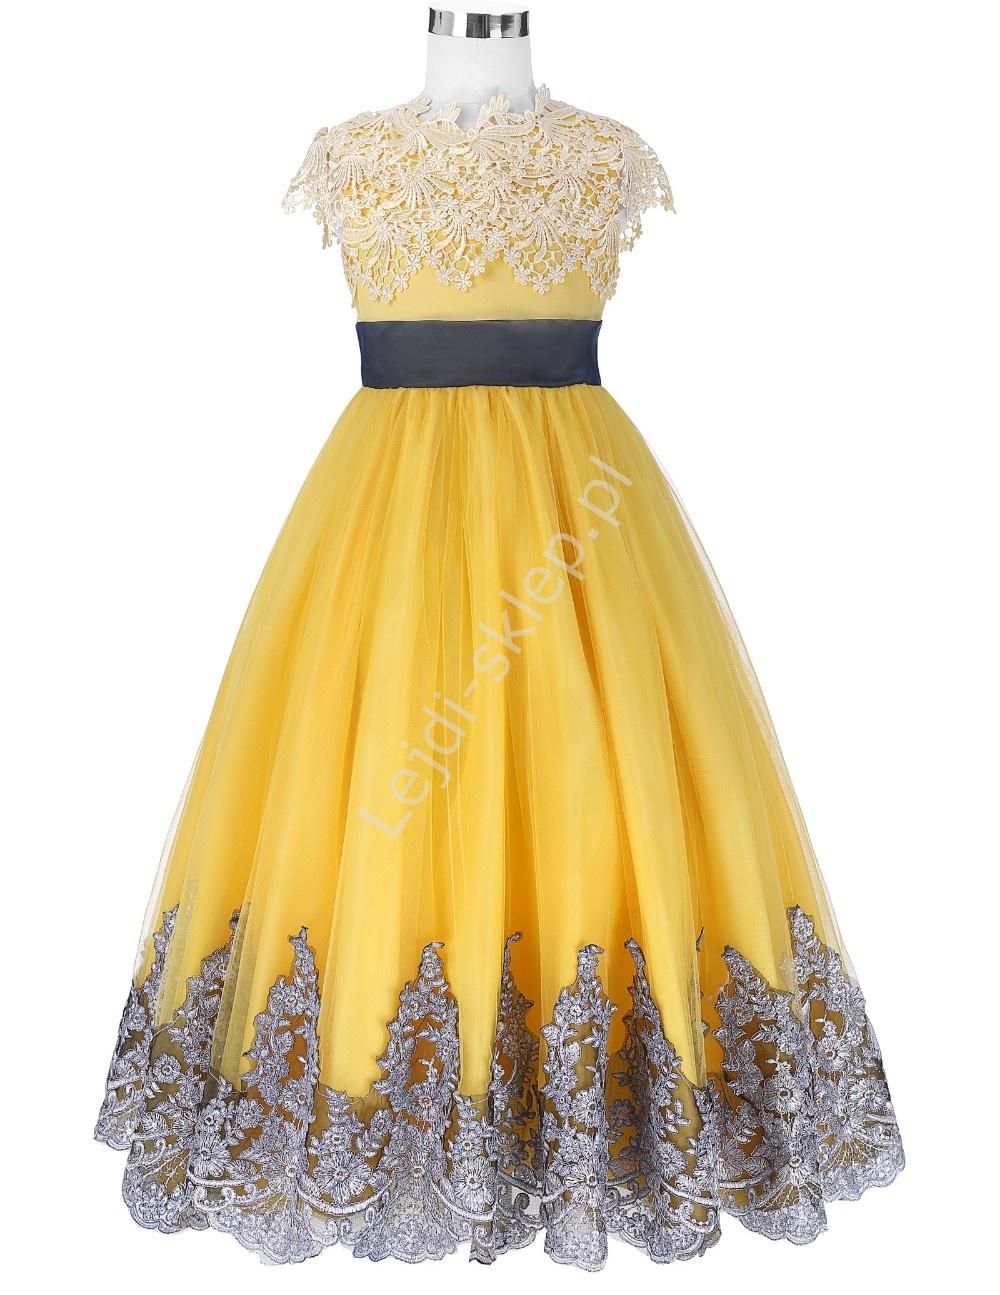 Wyj Tkowa Sukienka Dziewcz Ca Eleganckie Sukienki Dla Dziewczynek